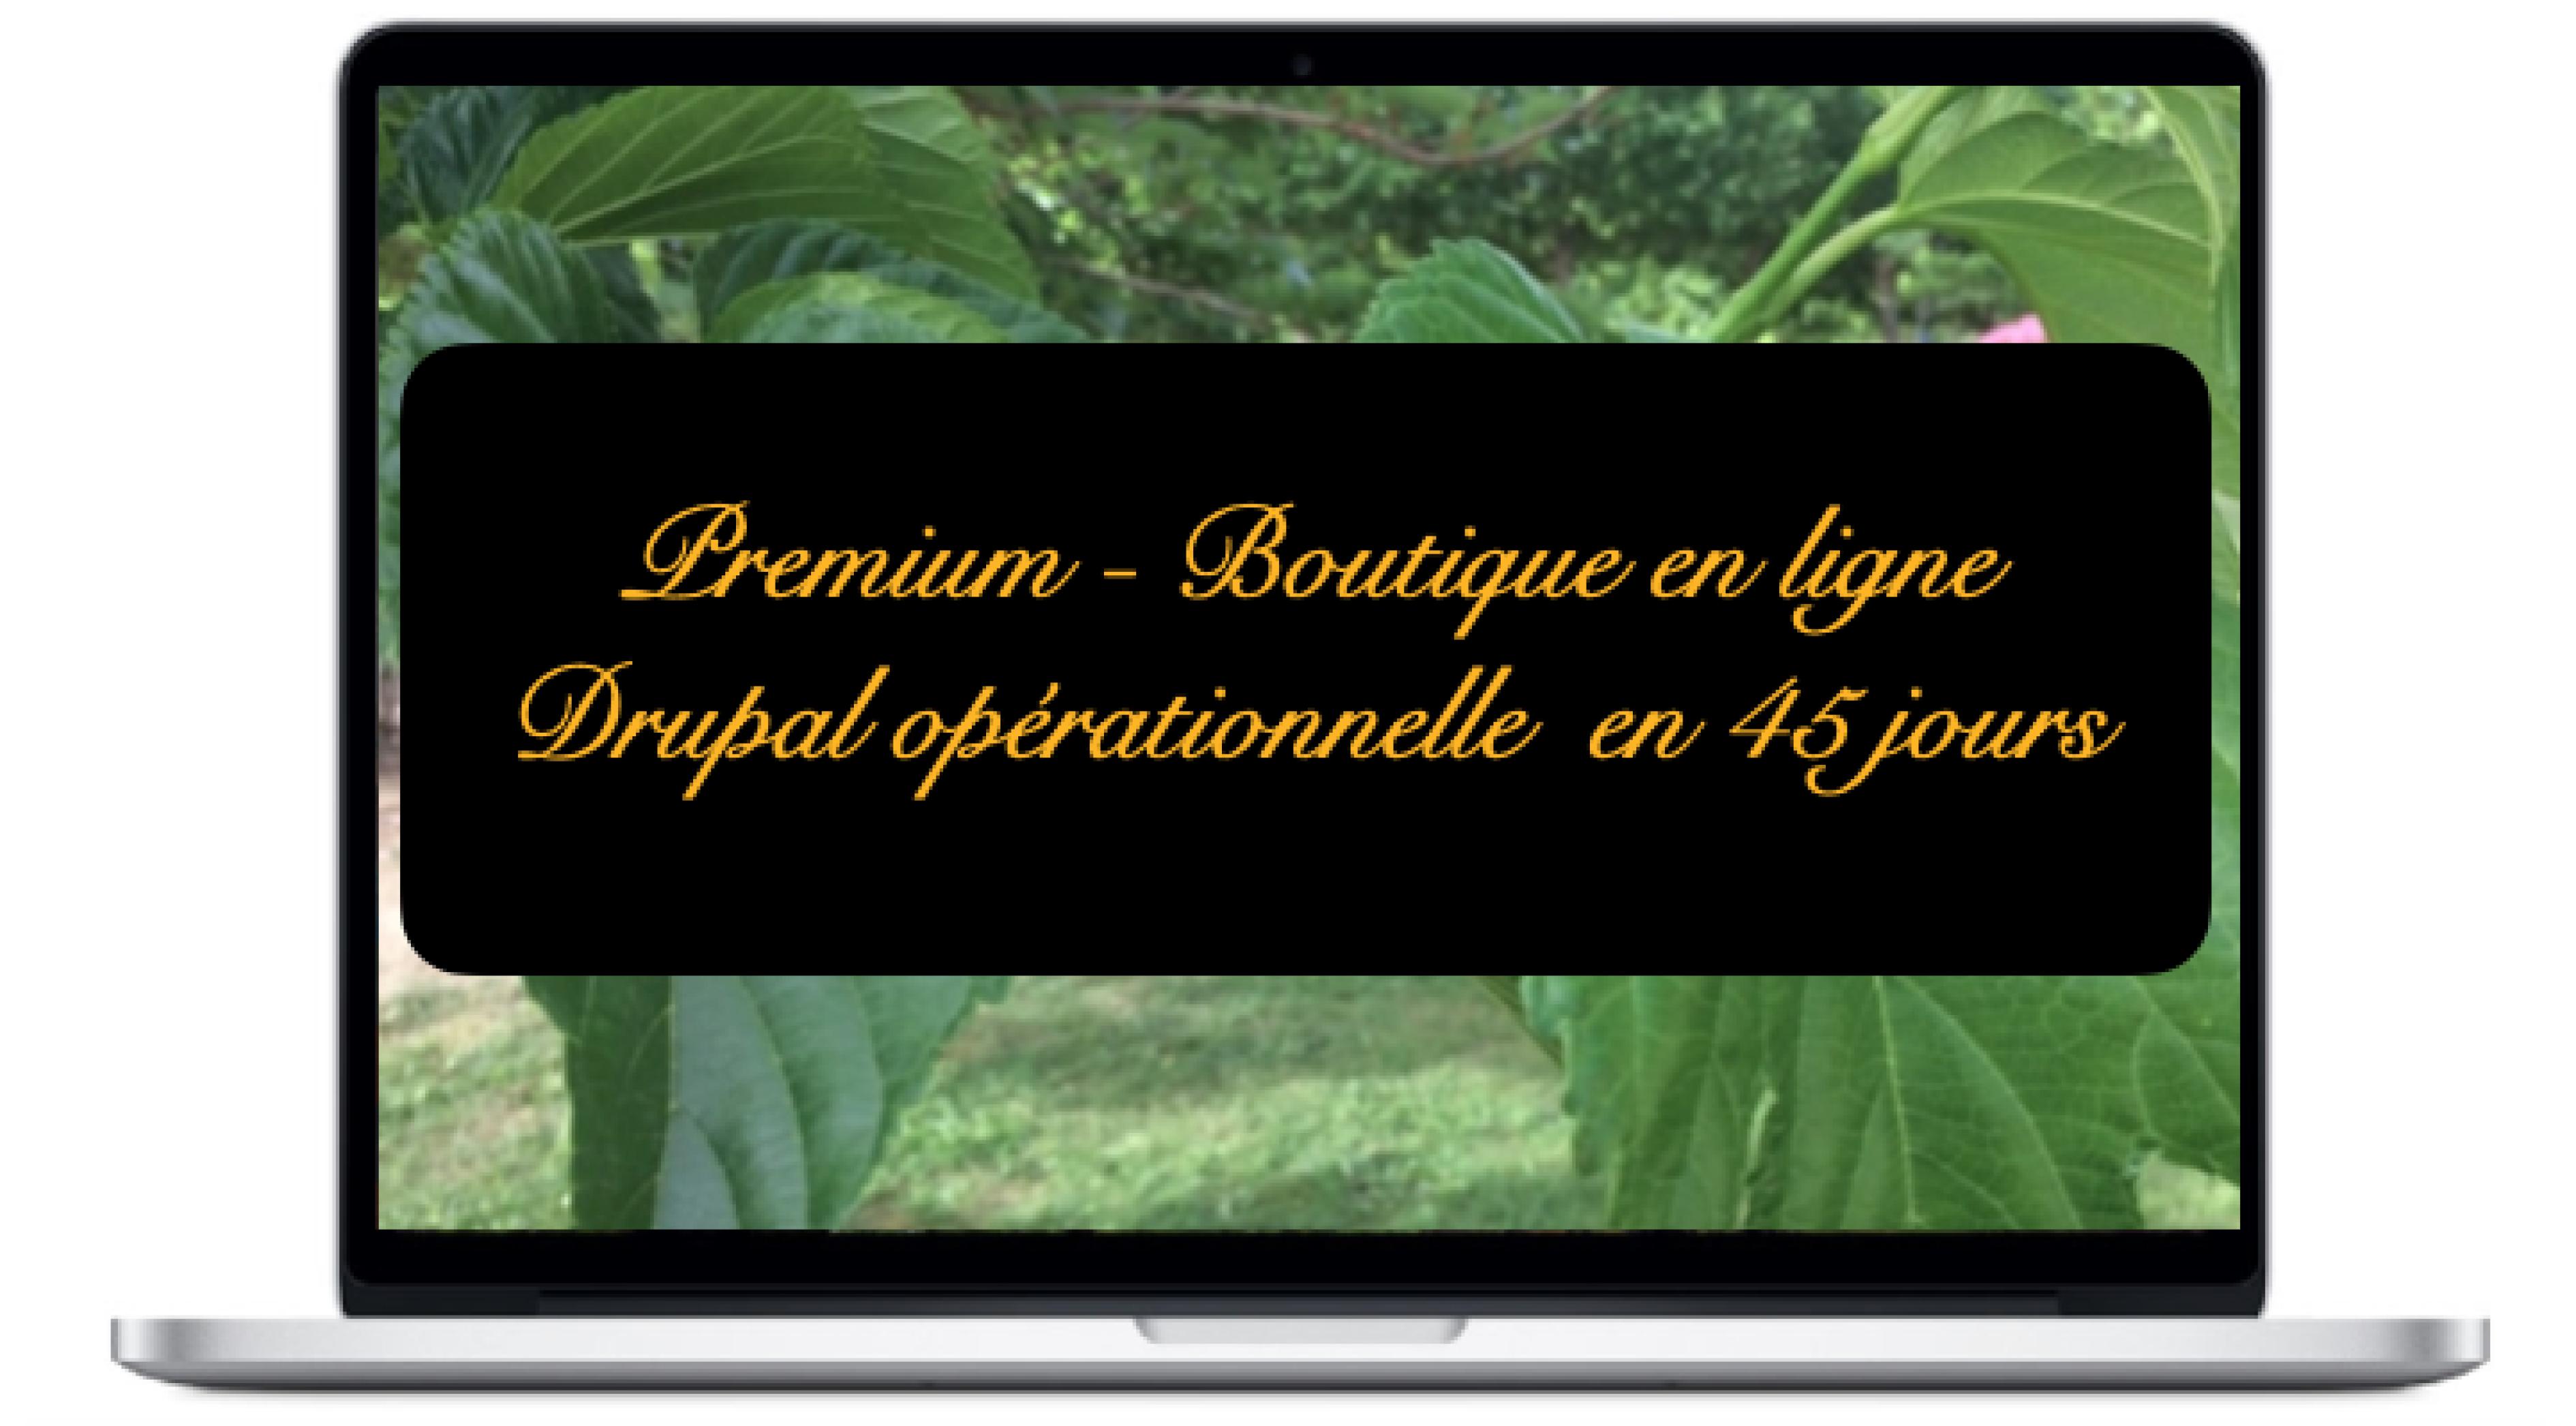 premium-boutique-en-ligne-drupal-operationnelle-en-45-jours_0